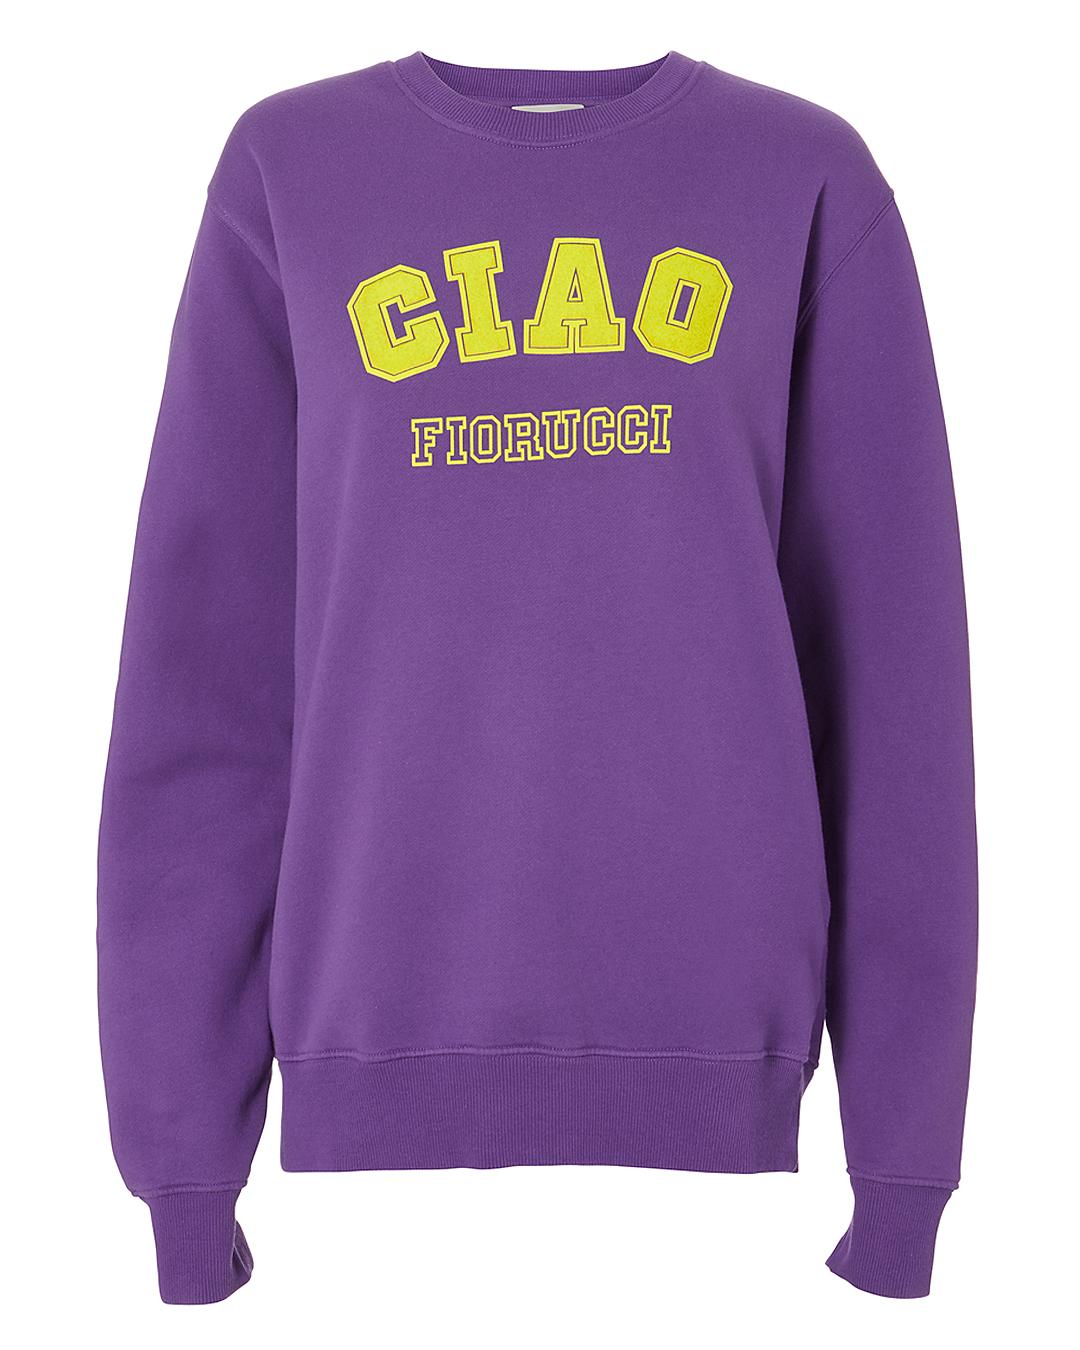 FIORUCCI Ciao Printed Cotton Sweatshirt in Purple